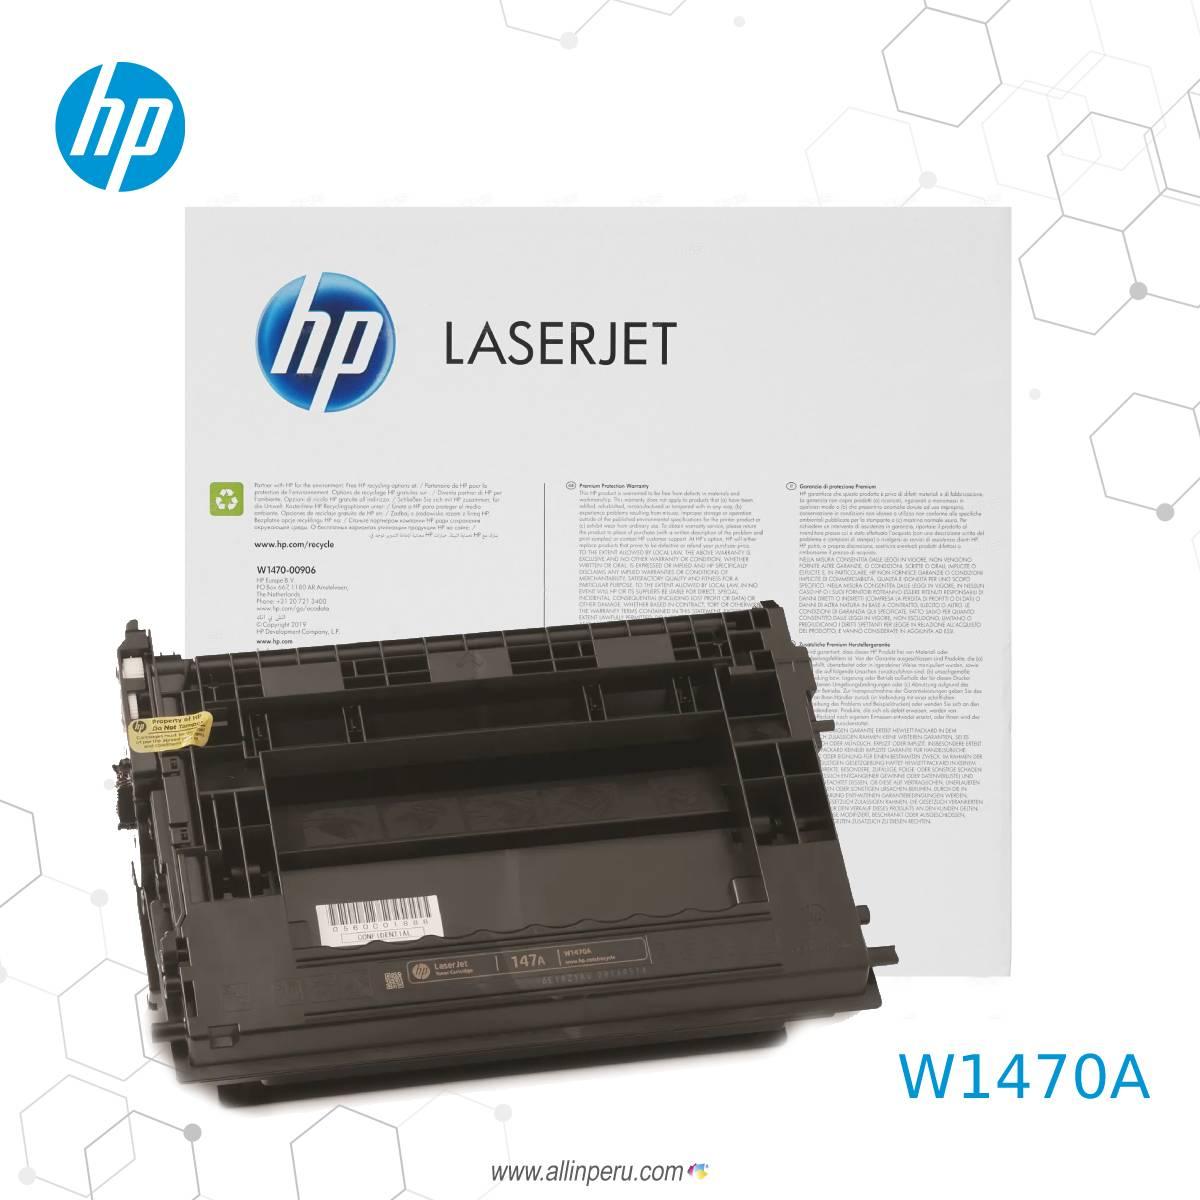 Toner HP 147a Negro W1470a 10500 Paginas 2